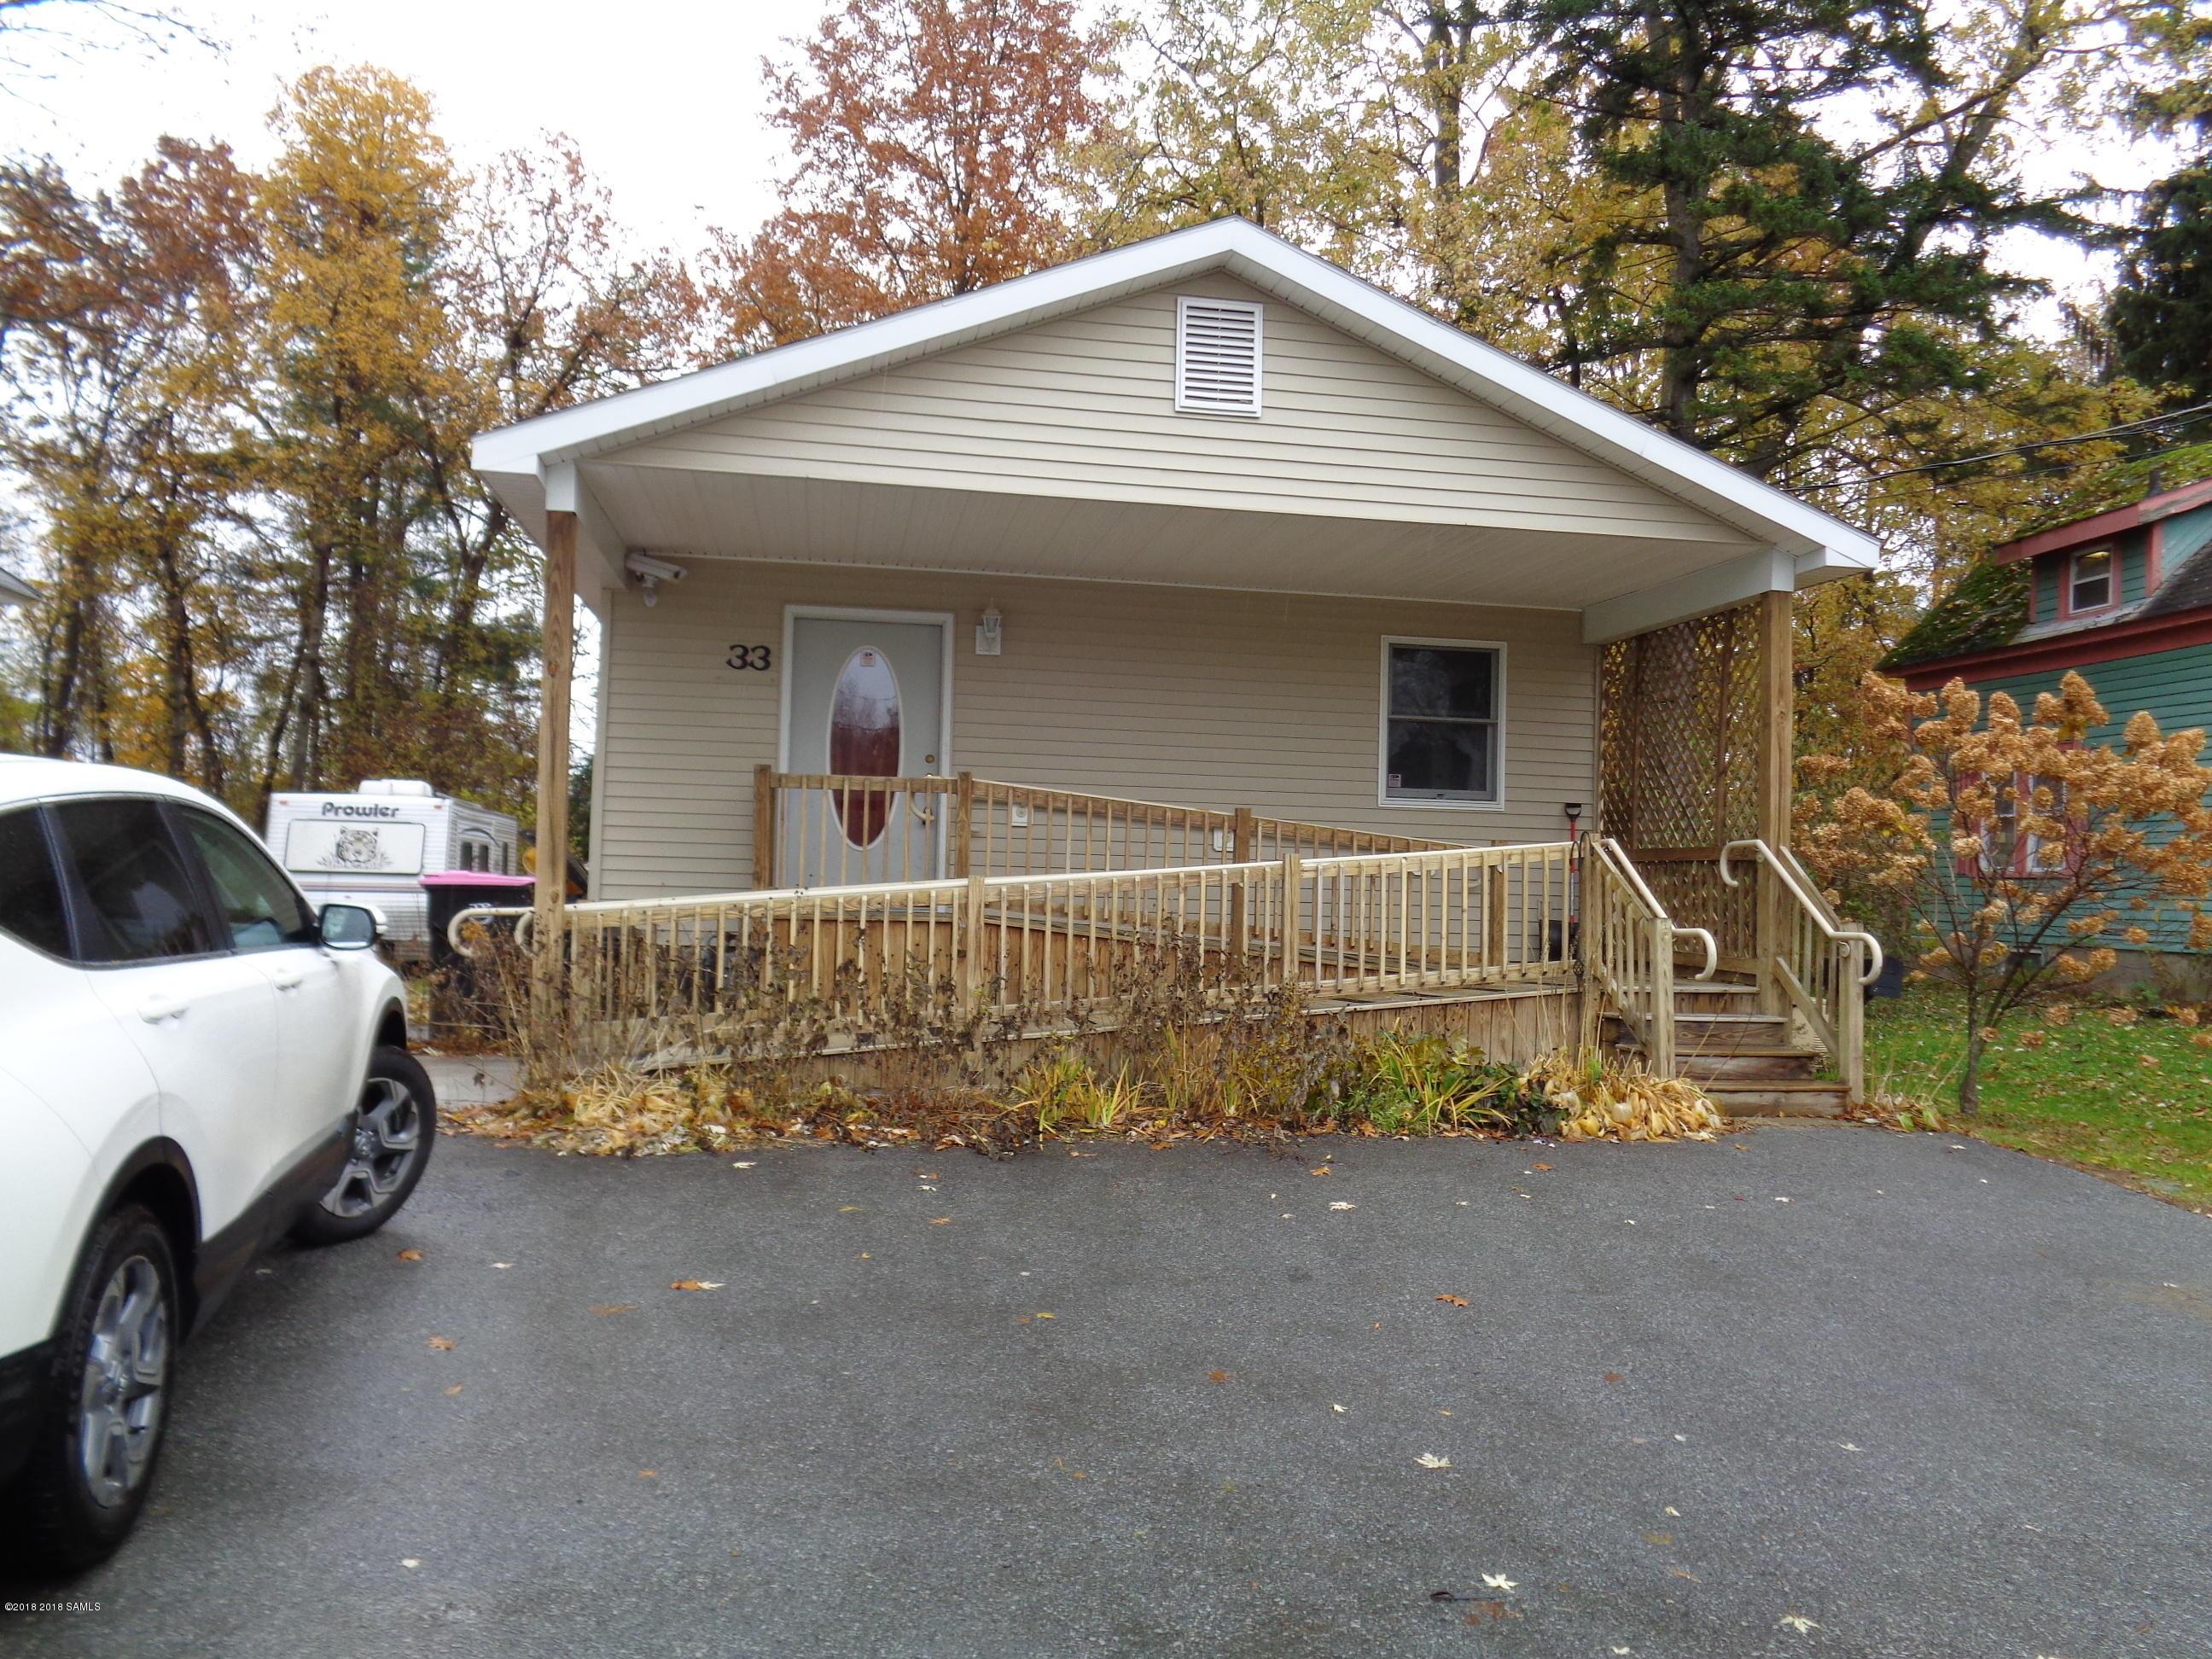 33 Henry Street, Glens Falls NY 12801 photo 1